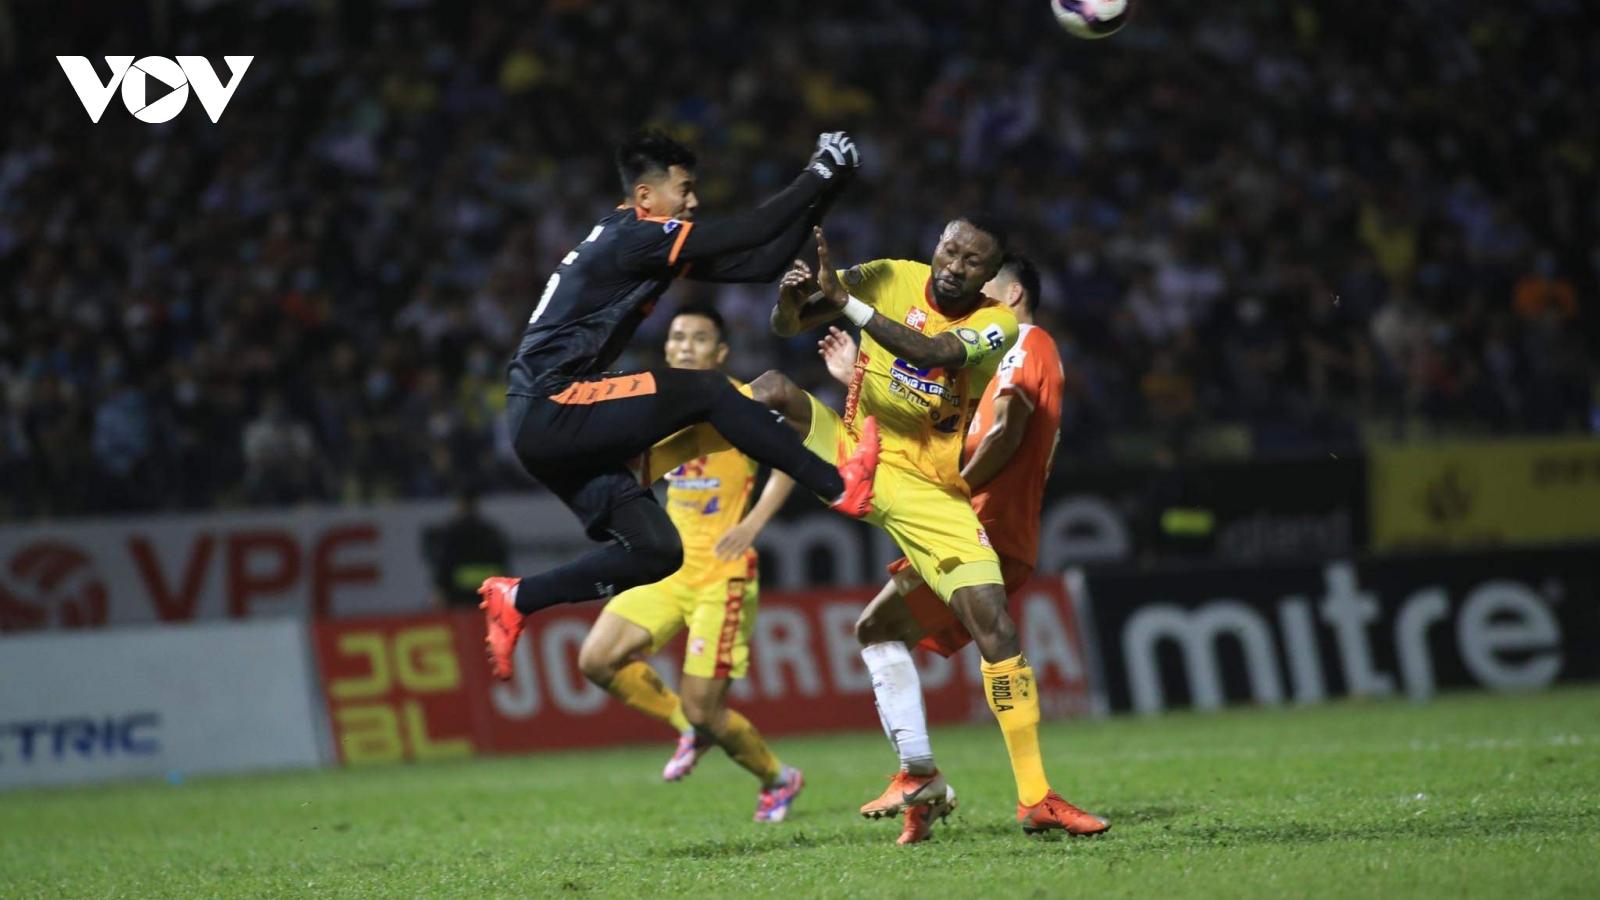 Đạp tuyển thủ Việt Nam, Hoàng Vũ Samson bị treo giò 3 trận